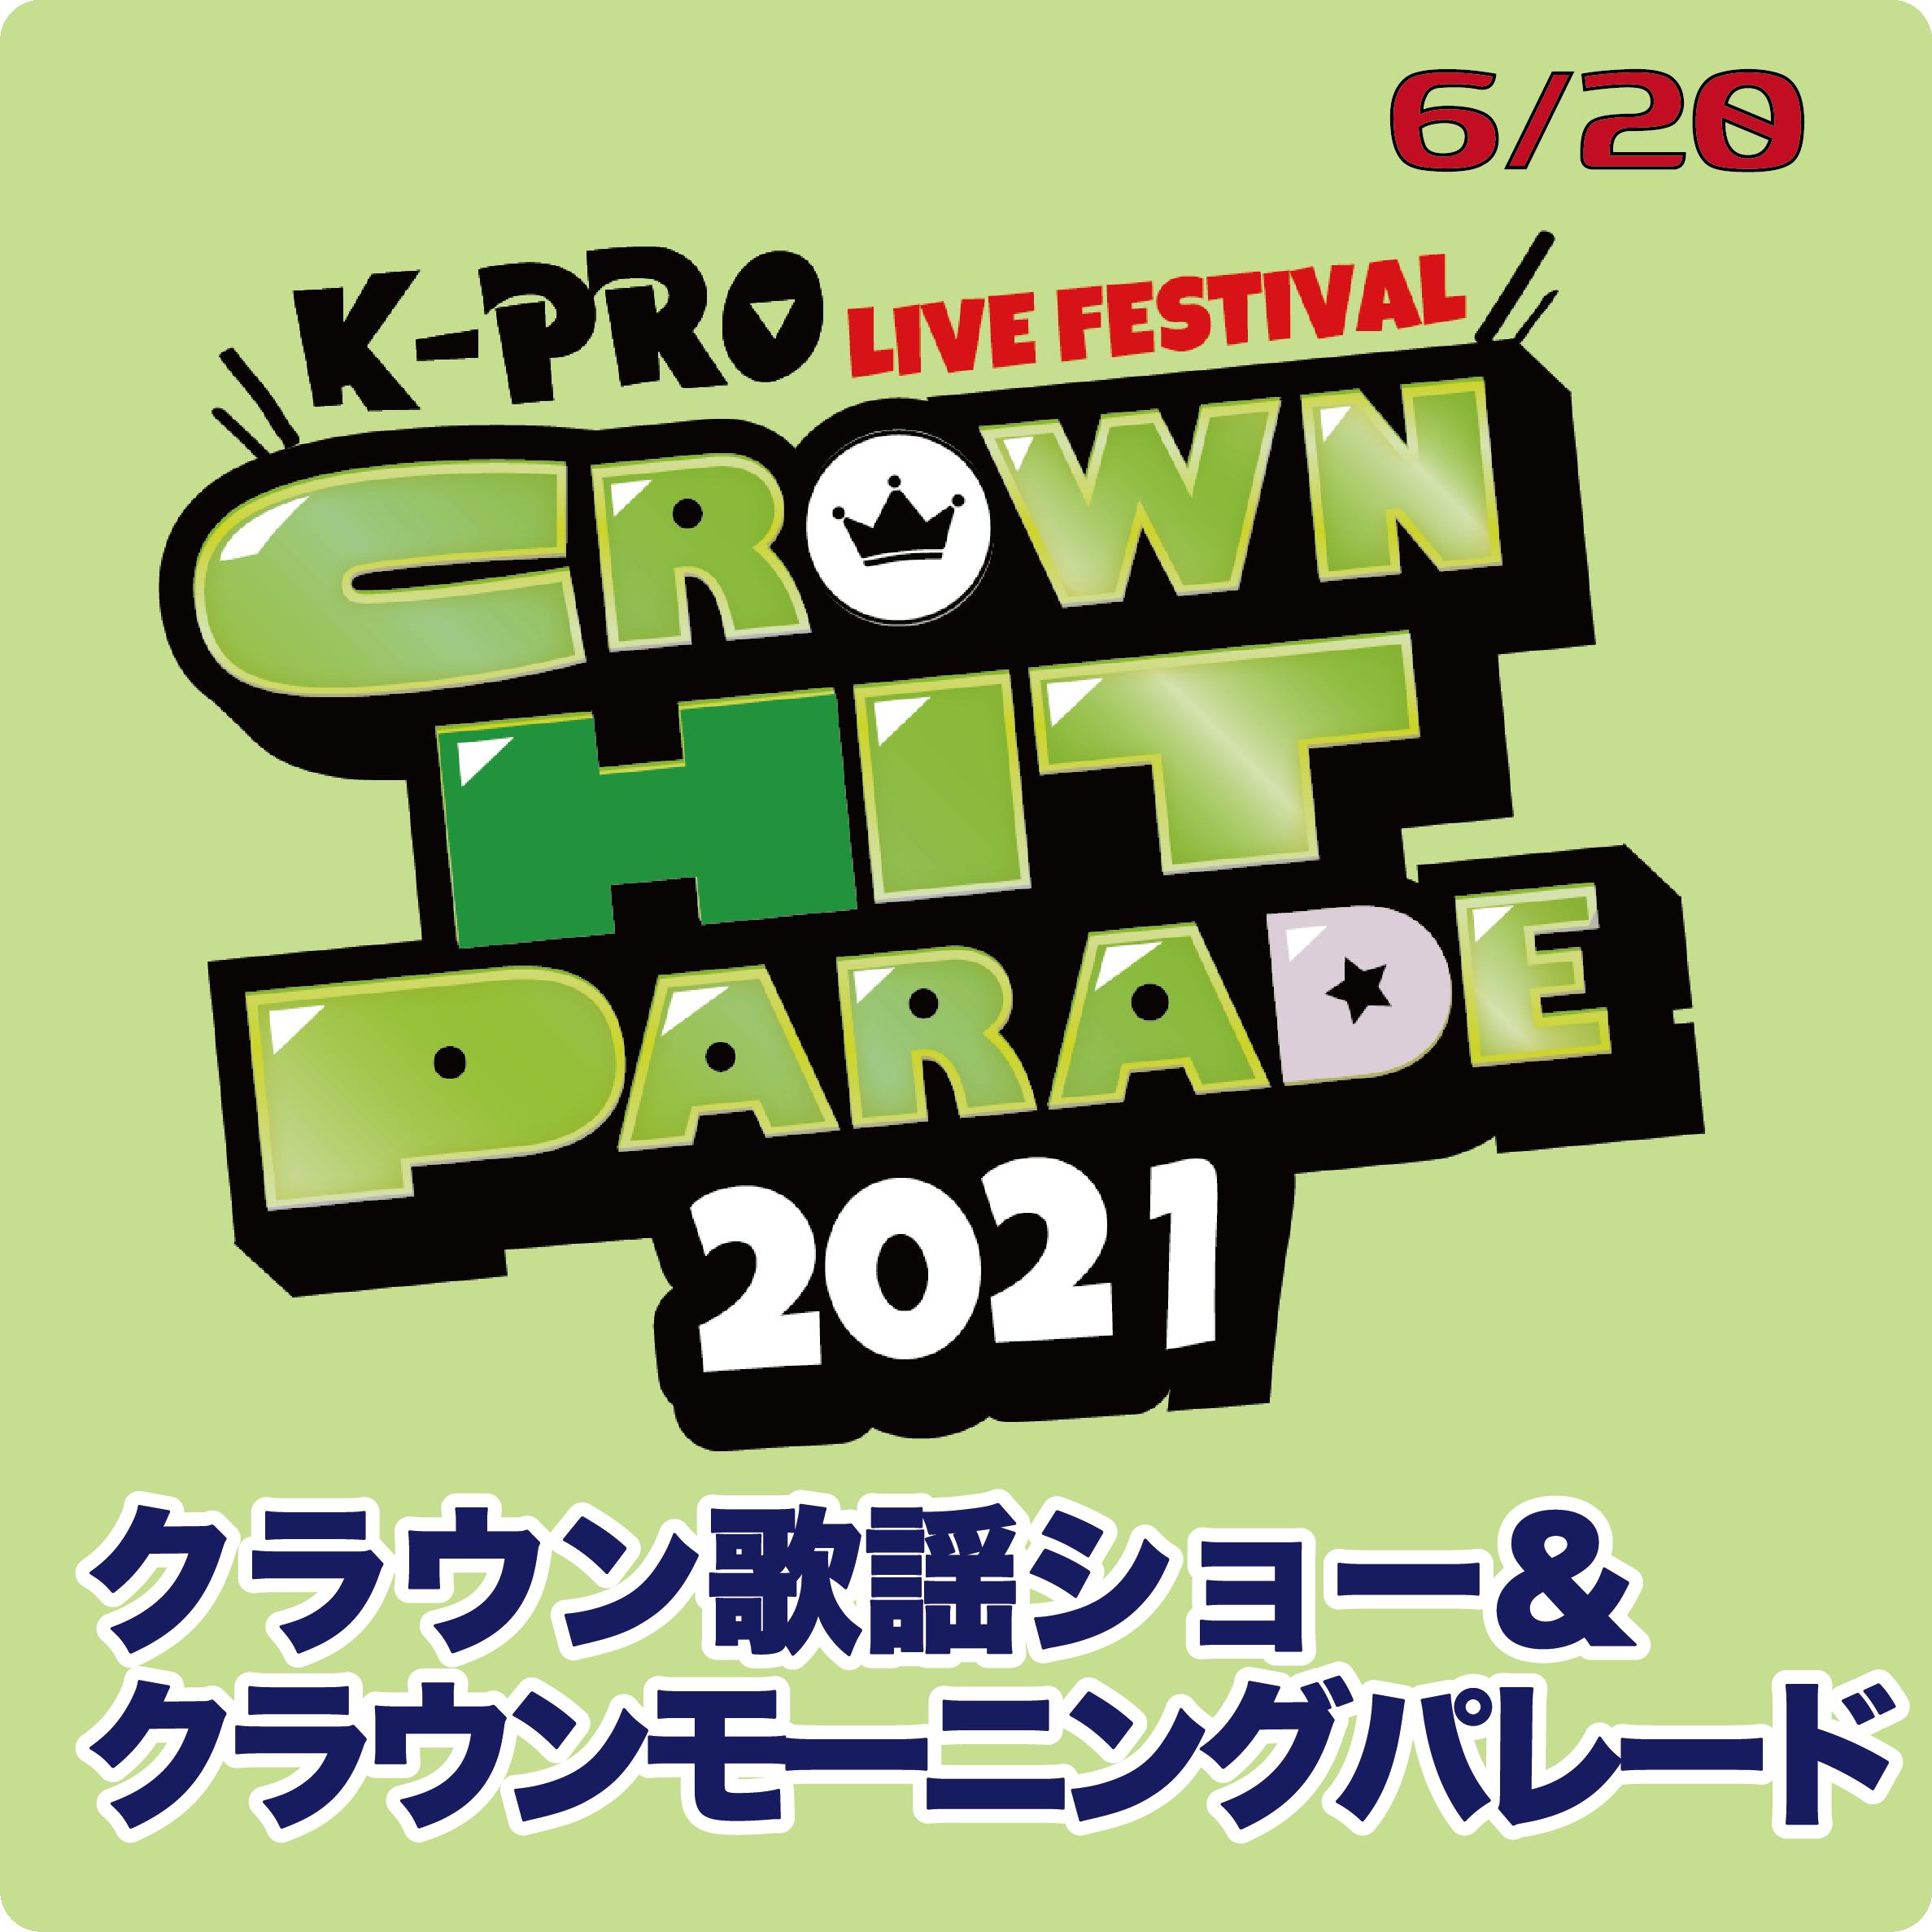 【6/20】クラウン歌謡ショー&クラウンモーニングパレード